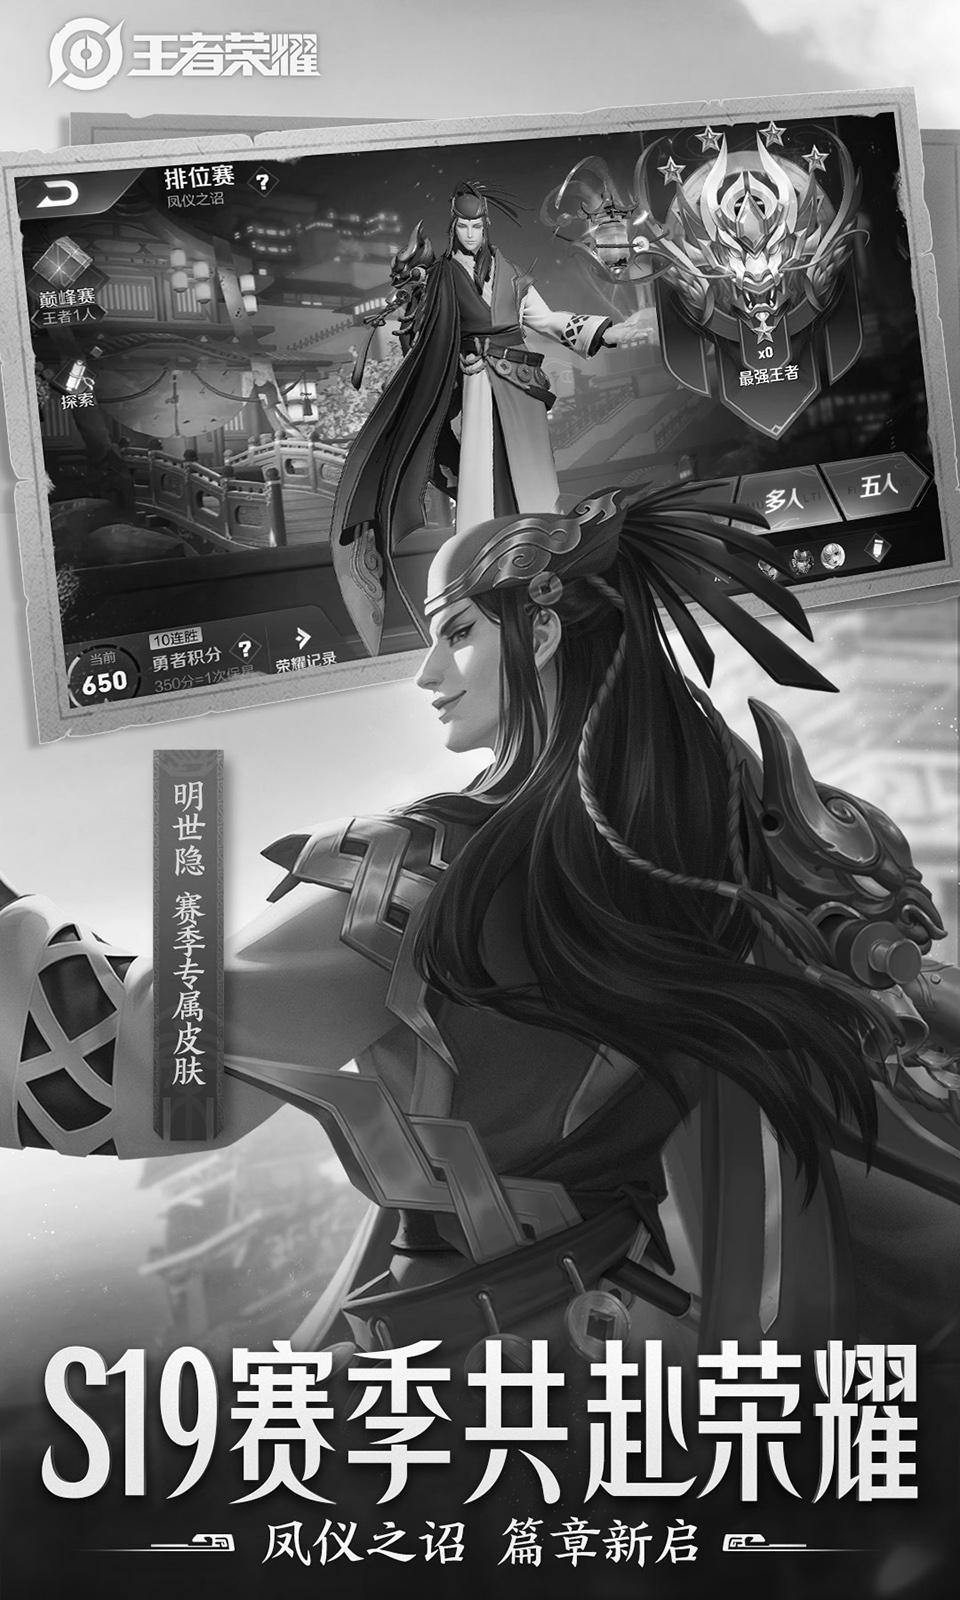 王者荣耀(S19新赛季)